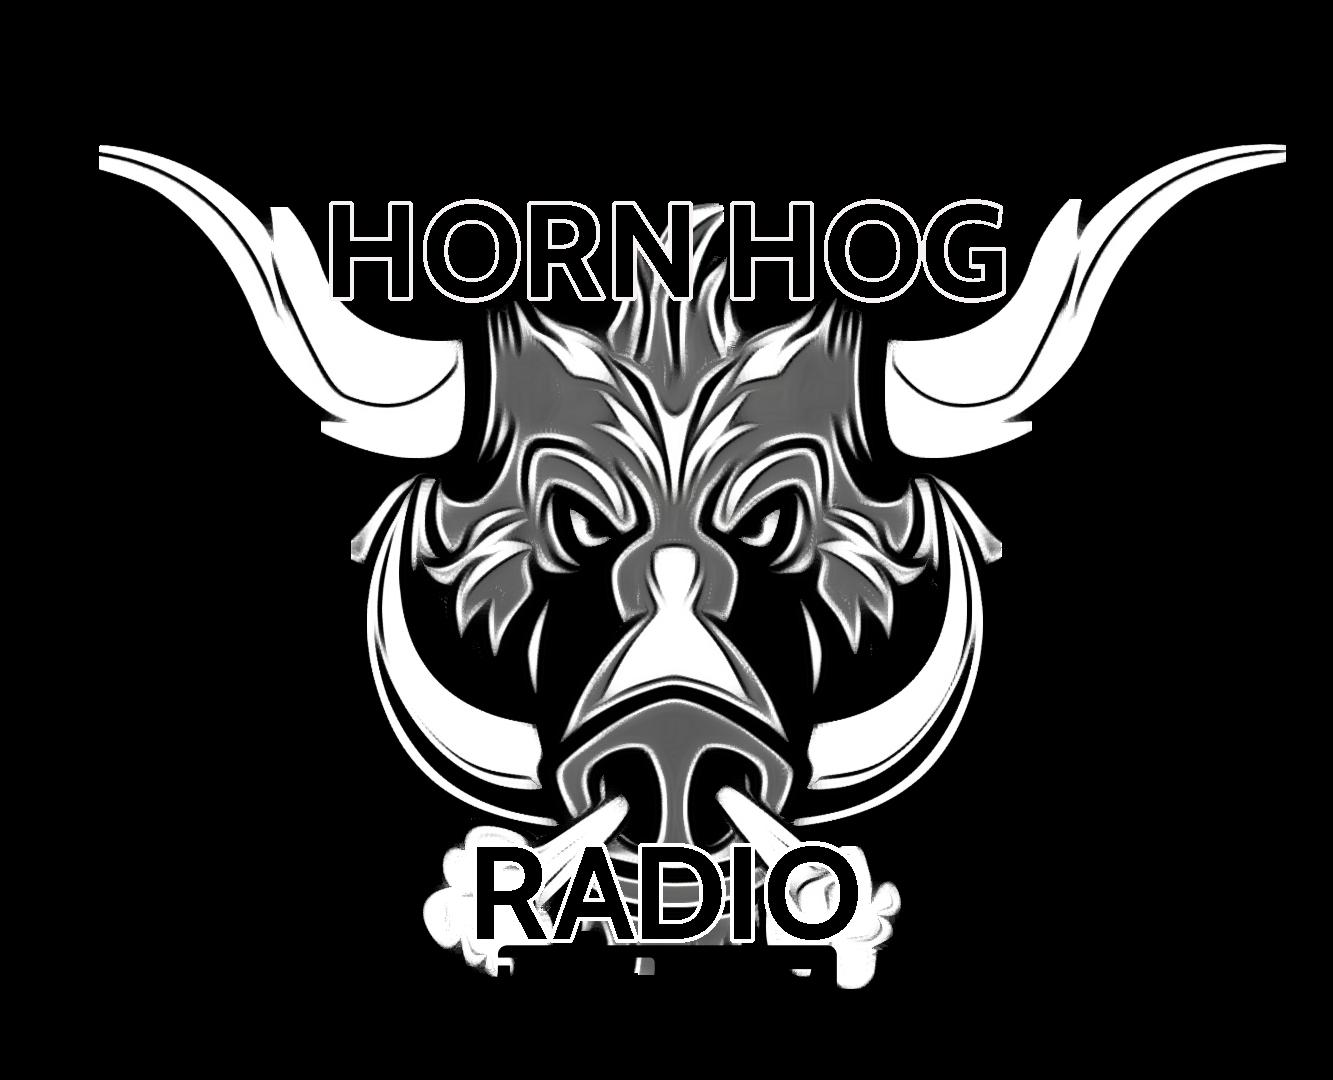 Art for HORN HOG RADIO.COM by HHR